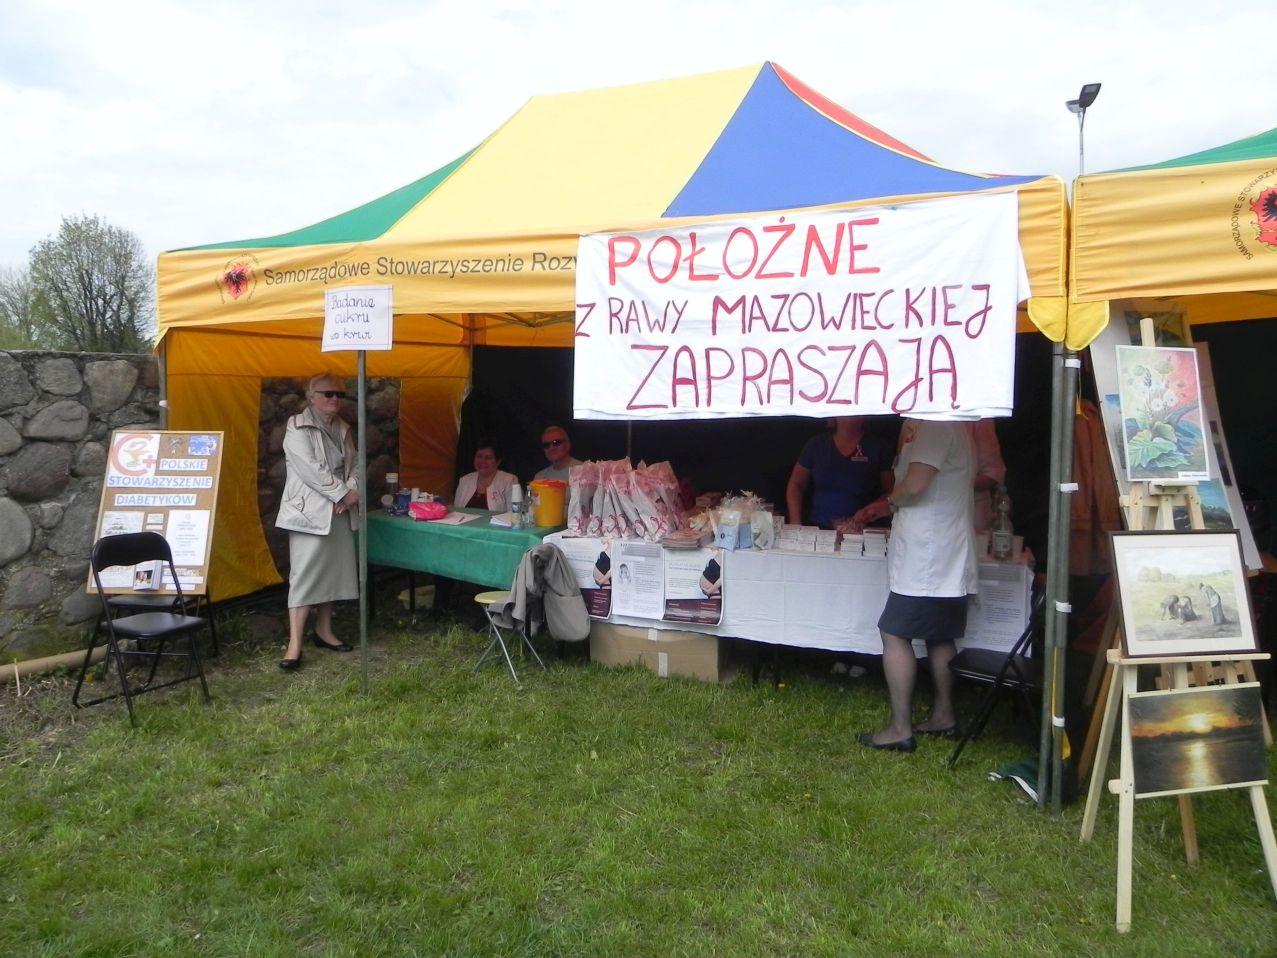 2016-05-03 Rawa Maz. - Radosne Święto (24)